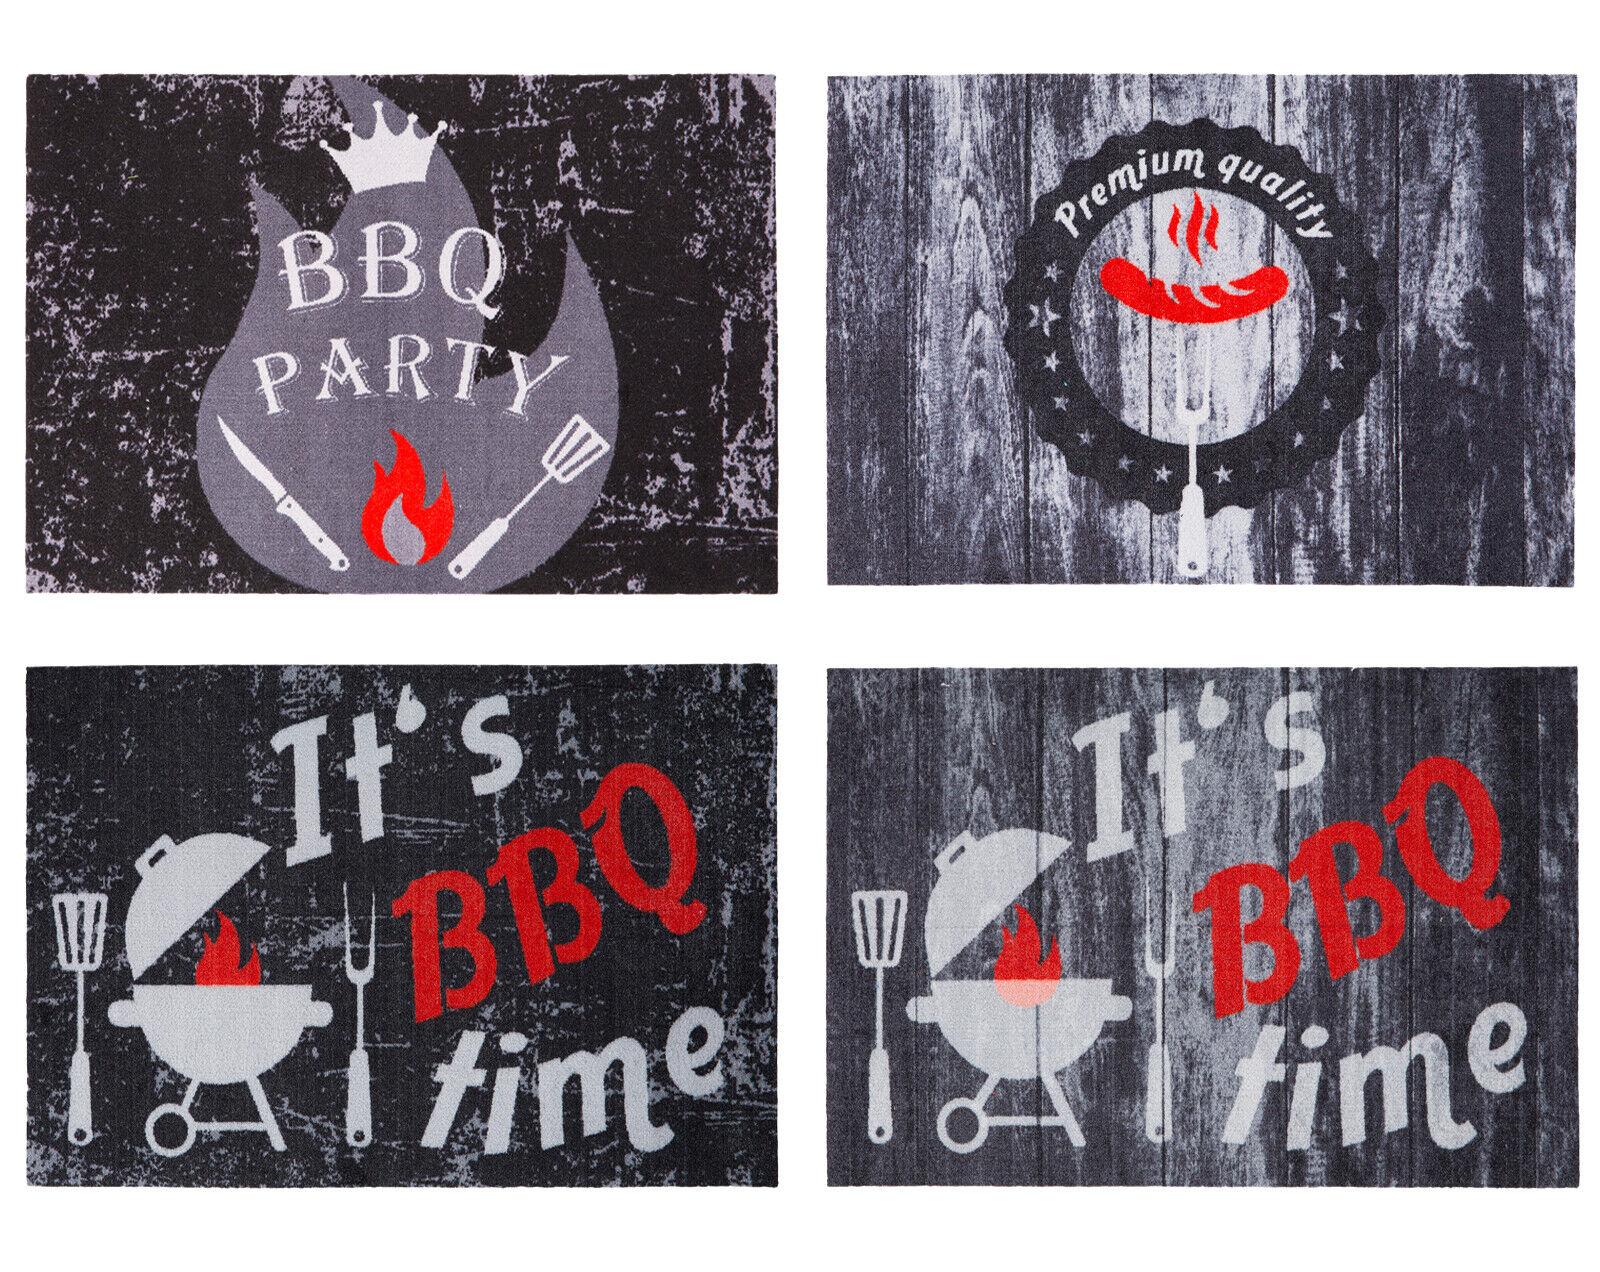 BBQ Matte Grillmatte Grillteppich Grillunterlage Outdoormatte Bodenschutzmatte